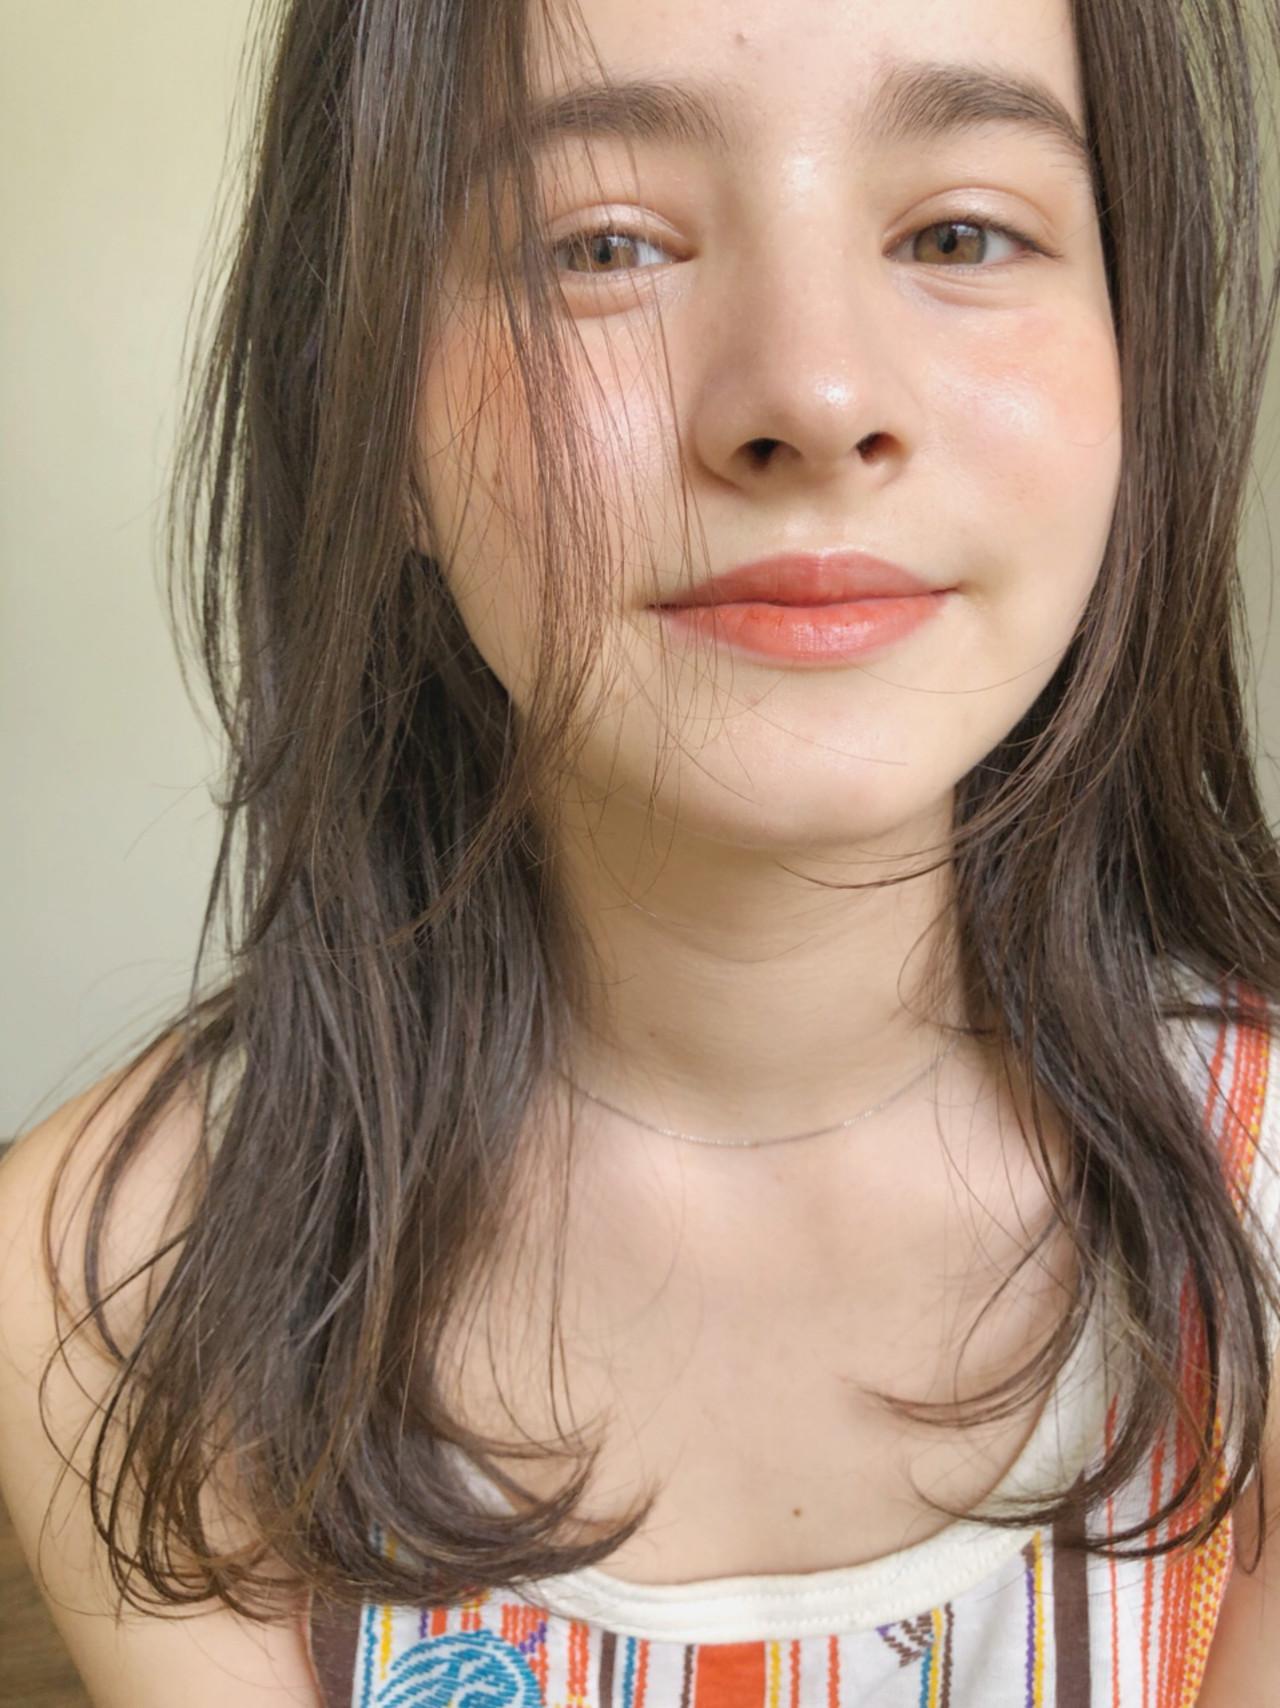 ヘアアレンジ ガーリー スポーツ アンニュイほつれヘア ヘアスタイルや髪型の写真・画像